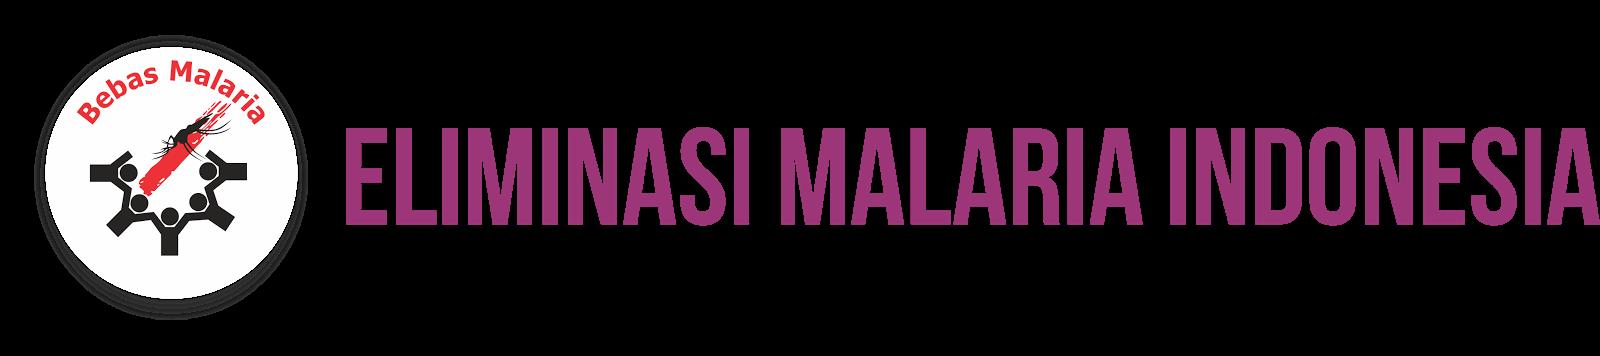 ELIMINASI MALARIA INDONESIA